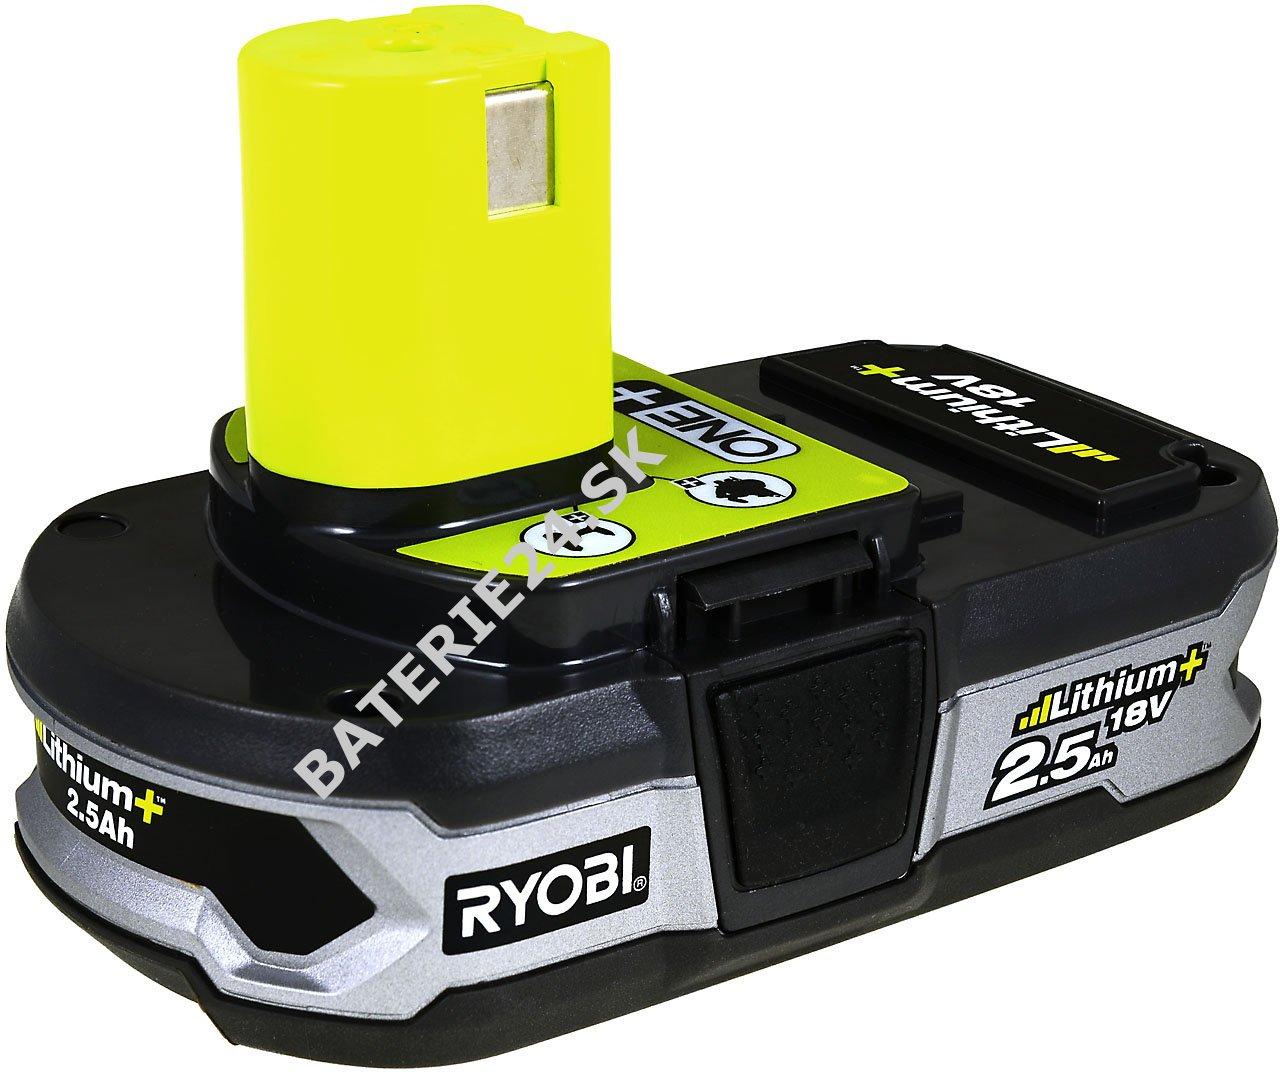 batéria pre ryobi šabľovitá píla crs-180l 2,5ah originál | baterie24.sk